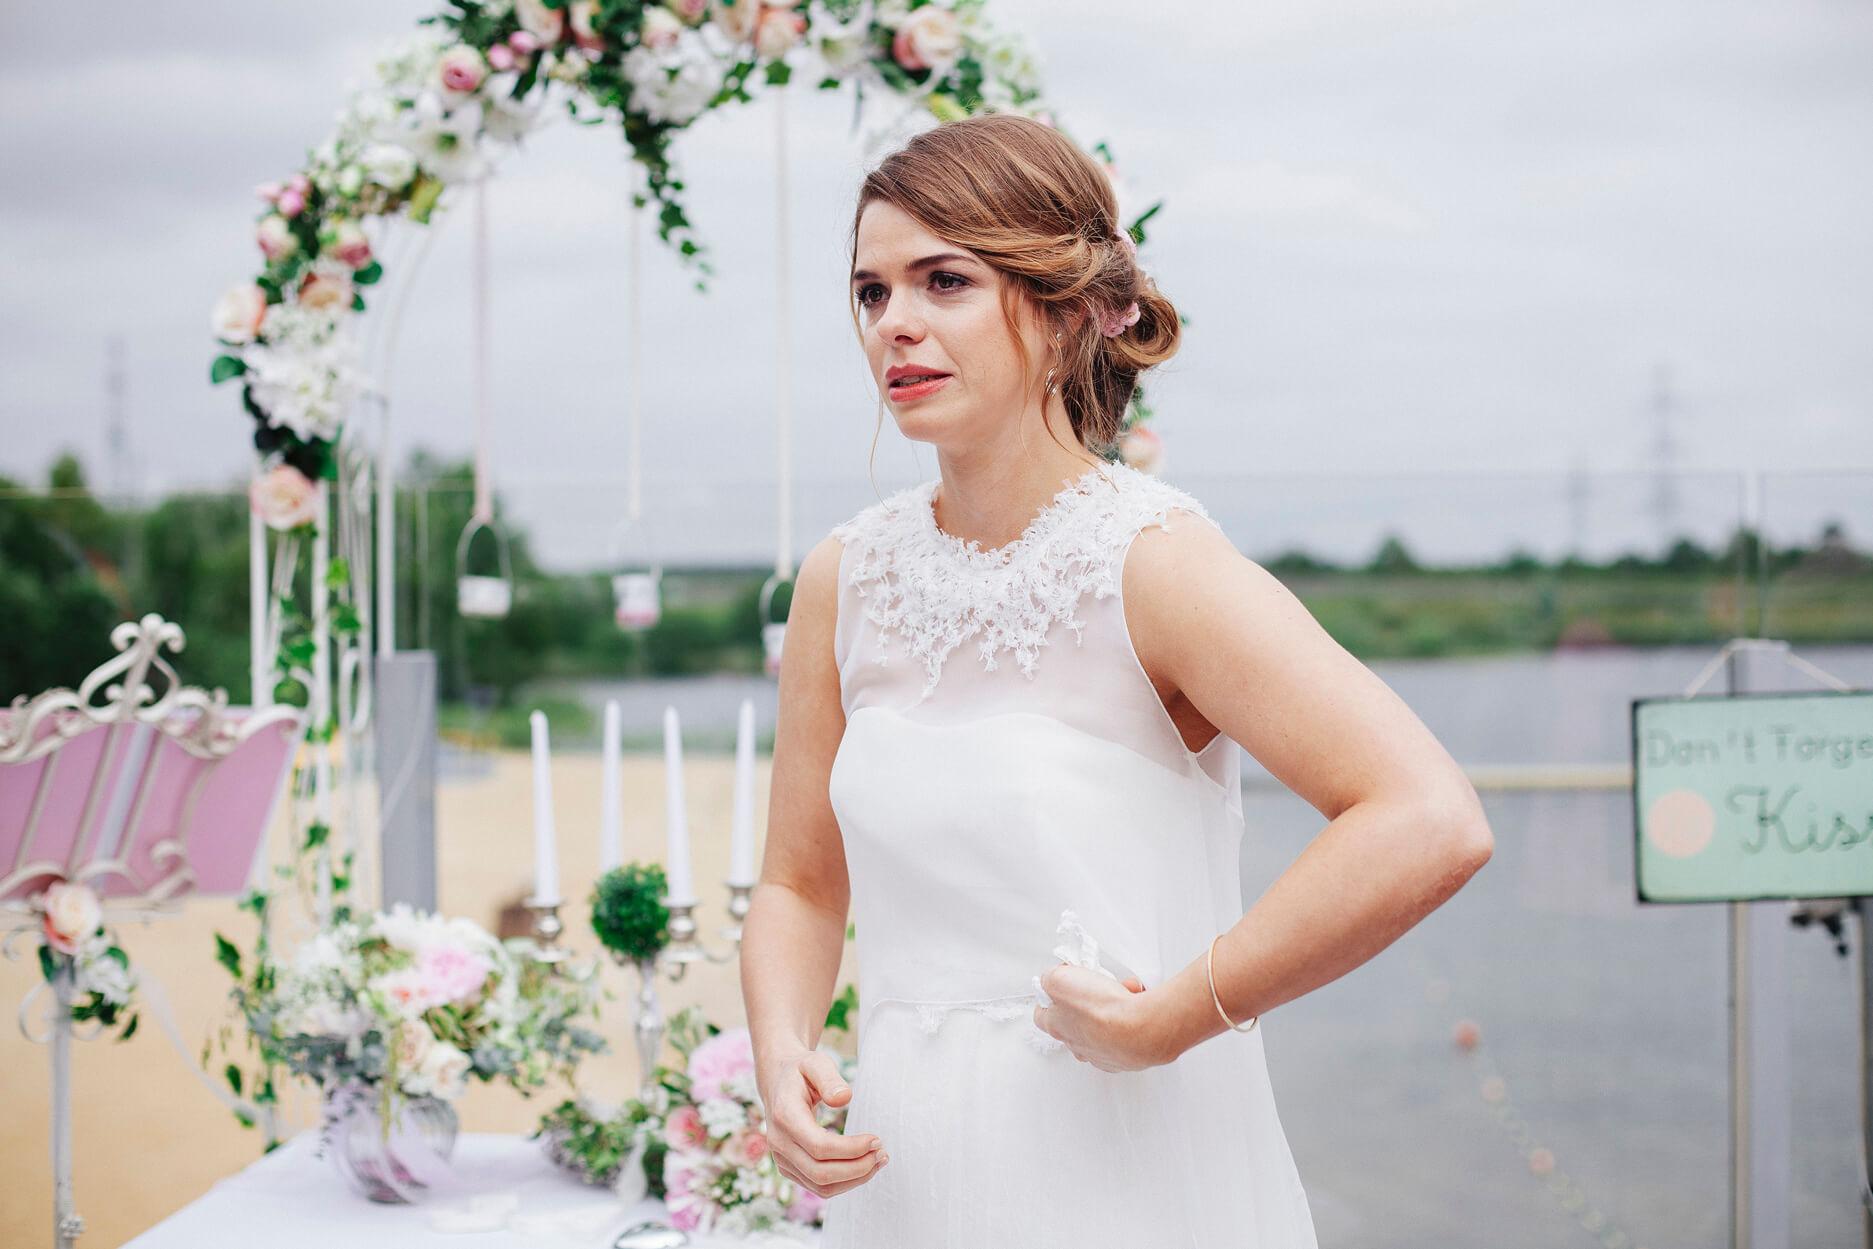 you-me-us_wedding-and-family-photography_hochzeitsreportage-hamburg_isabelle-niki_074